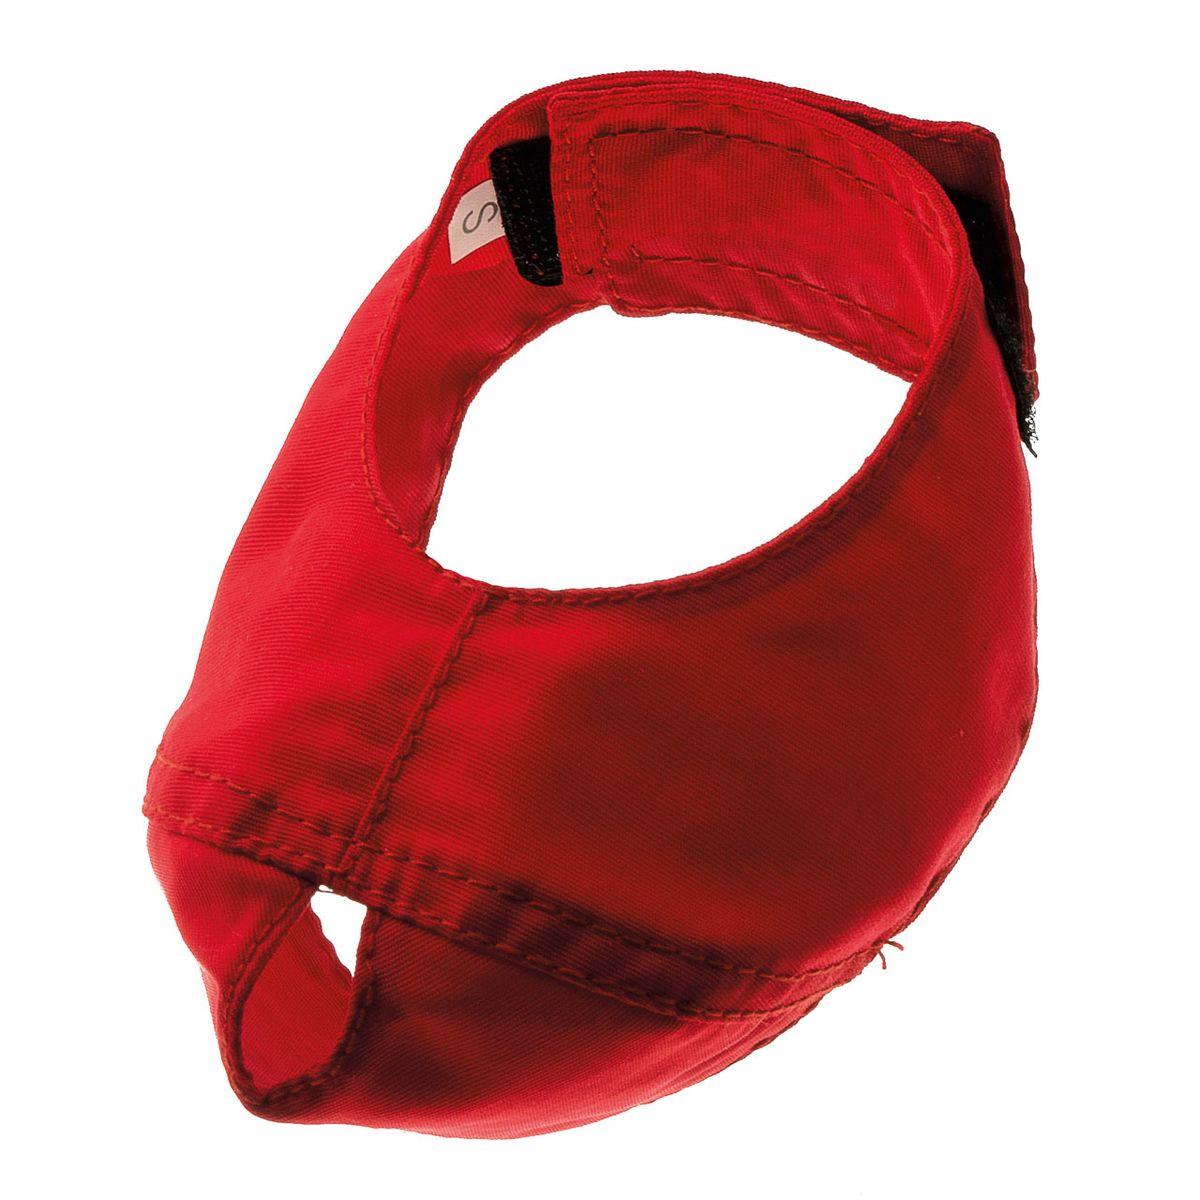 Намордник для кошки V.I.Pet, цвет: красный. Размер LPMK-3LИспользуется профессионалами по уходу за животными. Не позволяет кусаться. Кошки не могут самостоятельно снять лапами. Сделан из прочной ткани окфорд. Можно стирать в стиральной машине. Материал: нейлон, полиэстер.